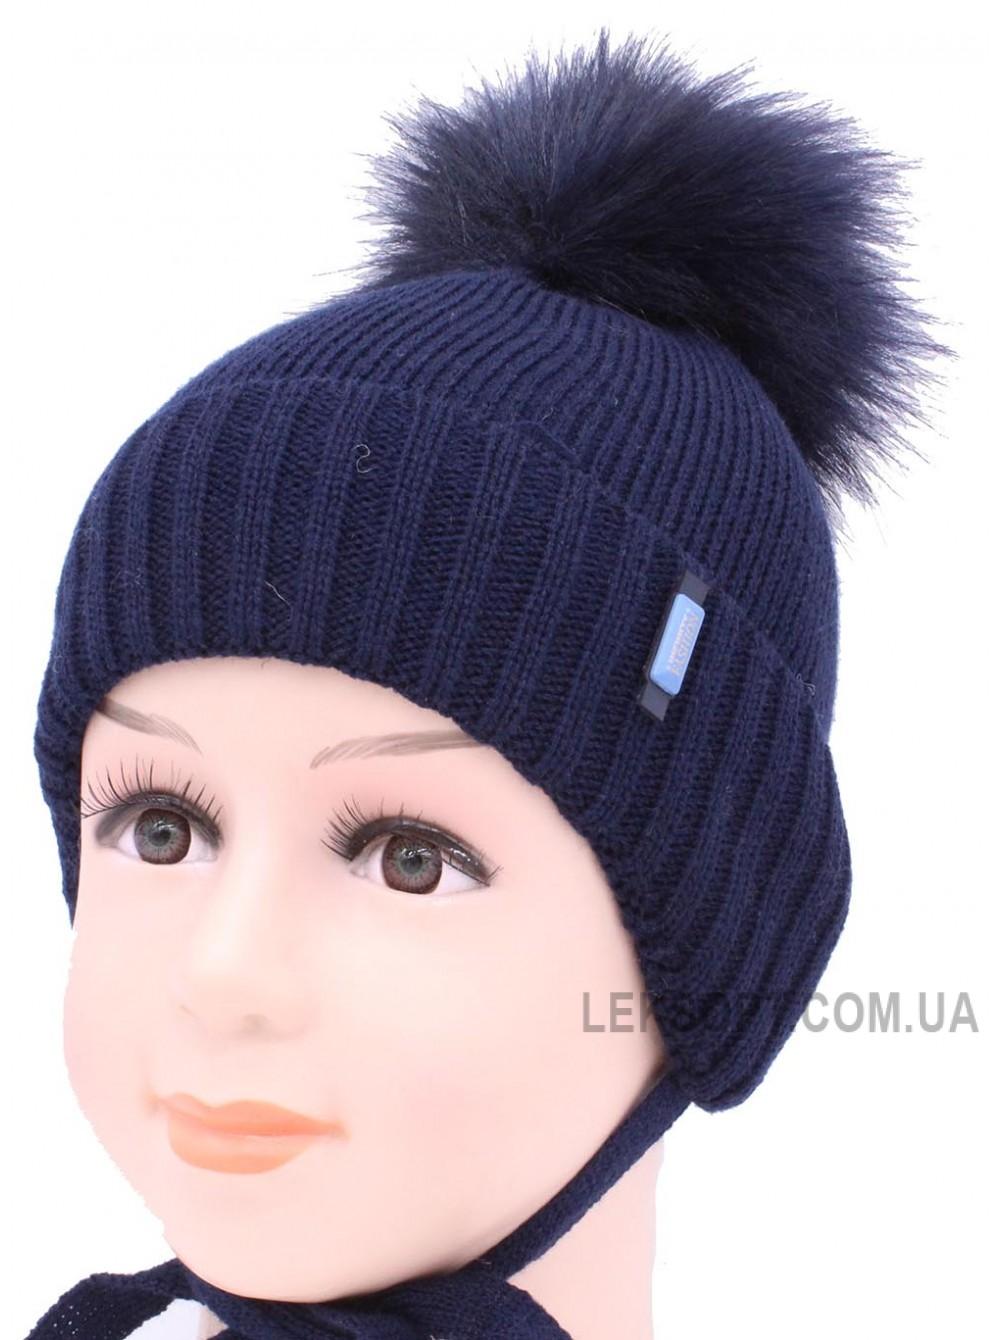 Детская вязаная шапка S97-16-25-46-48